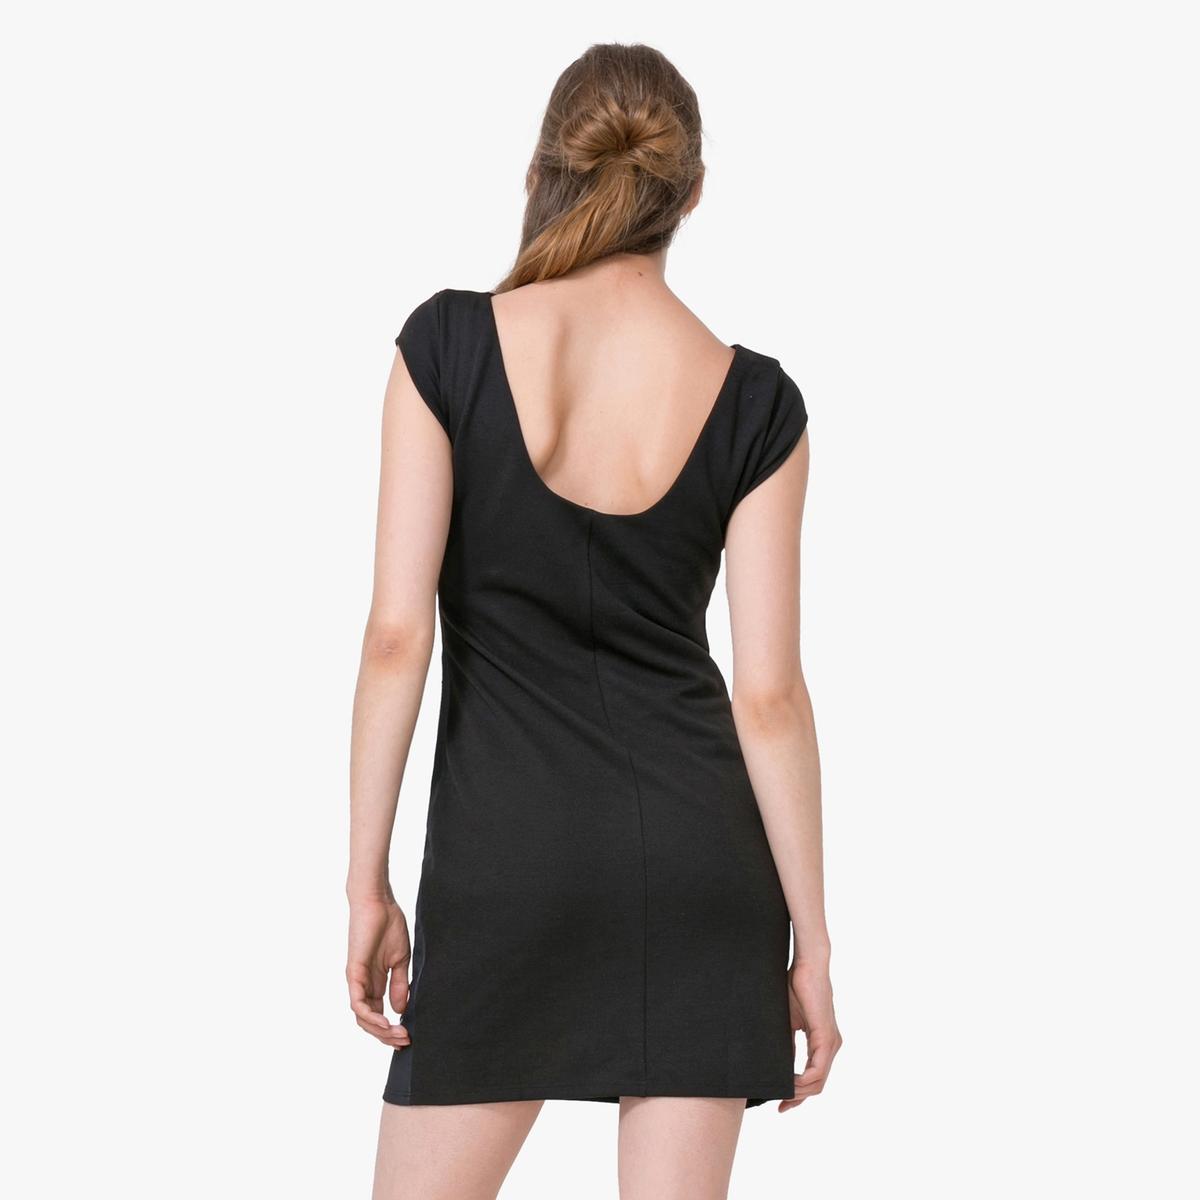 Платье с короткими рукавами и цветочным рисункомМатериал : 3% эластана, 97% полиэстера  Длина рукава : короткие рукава  Форма воротника : круглый вырез Покрой платья : платье облегающего покроя Рисунок : цветочный   Длина платья : короткое<br><br>Цвет: черный<br>Размер: M